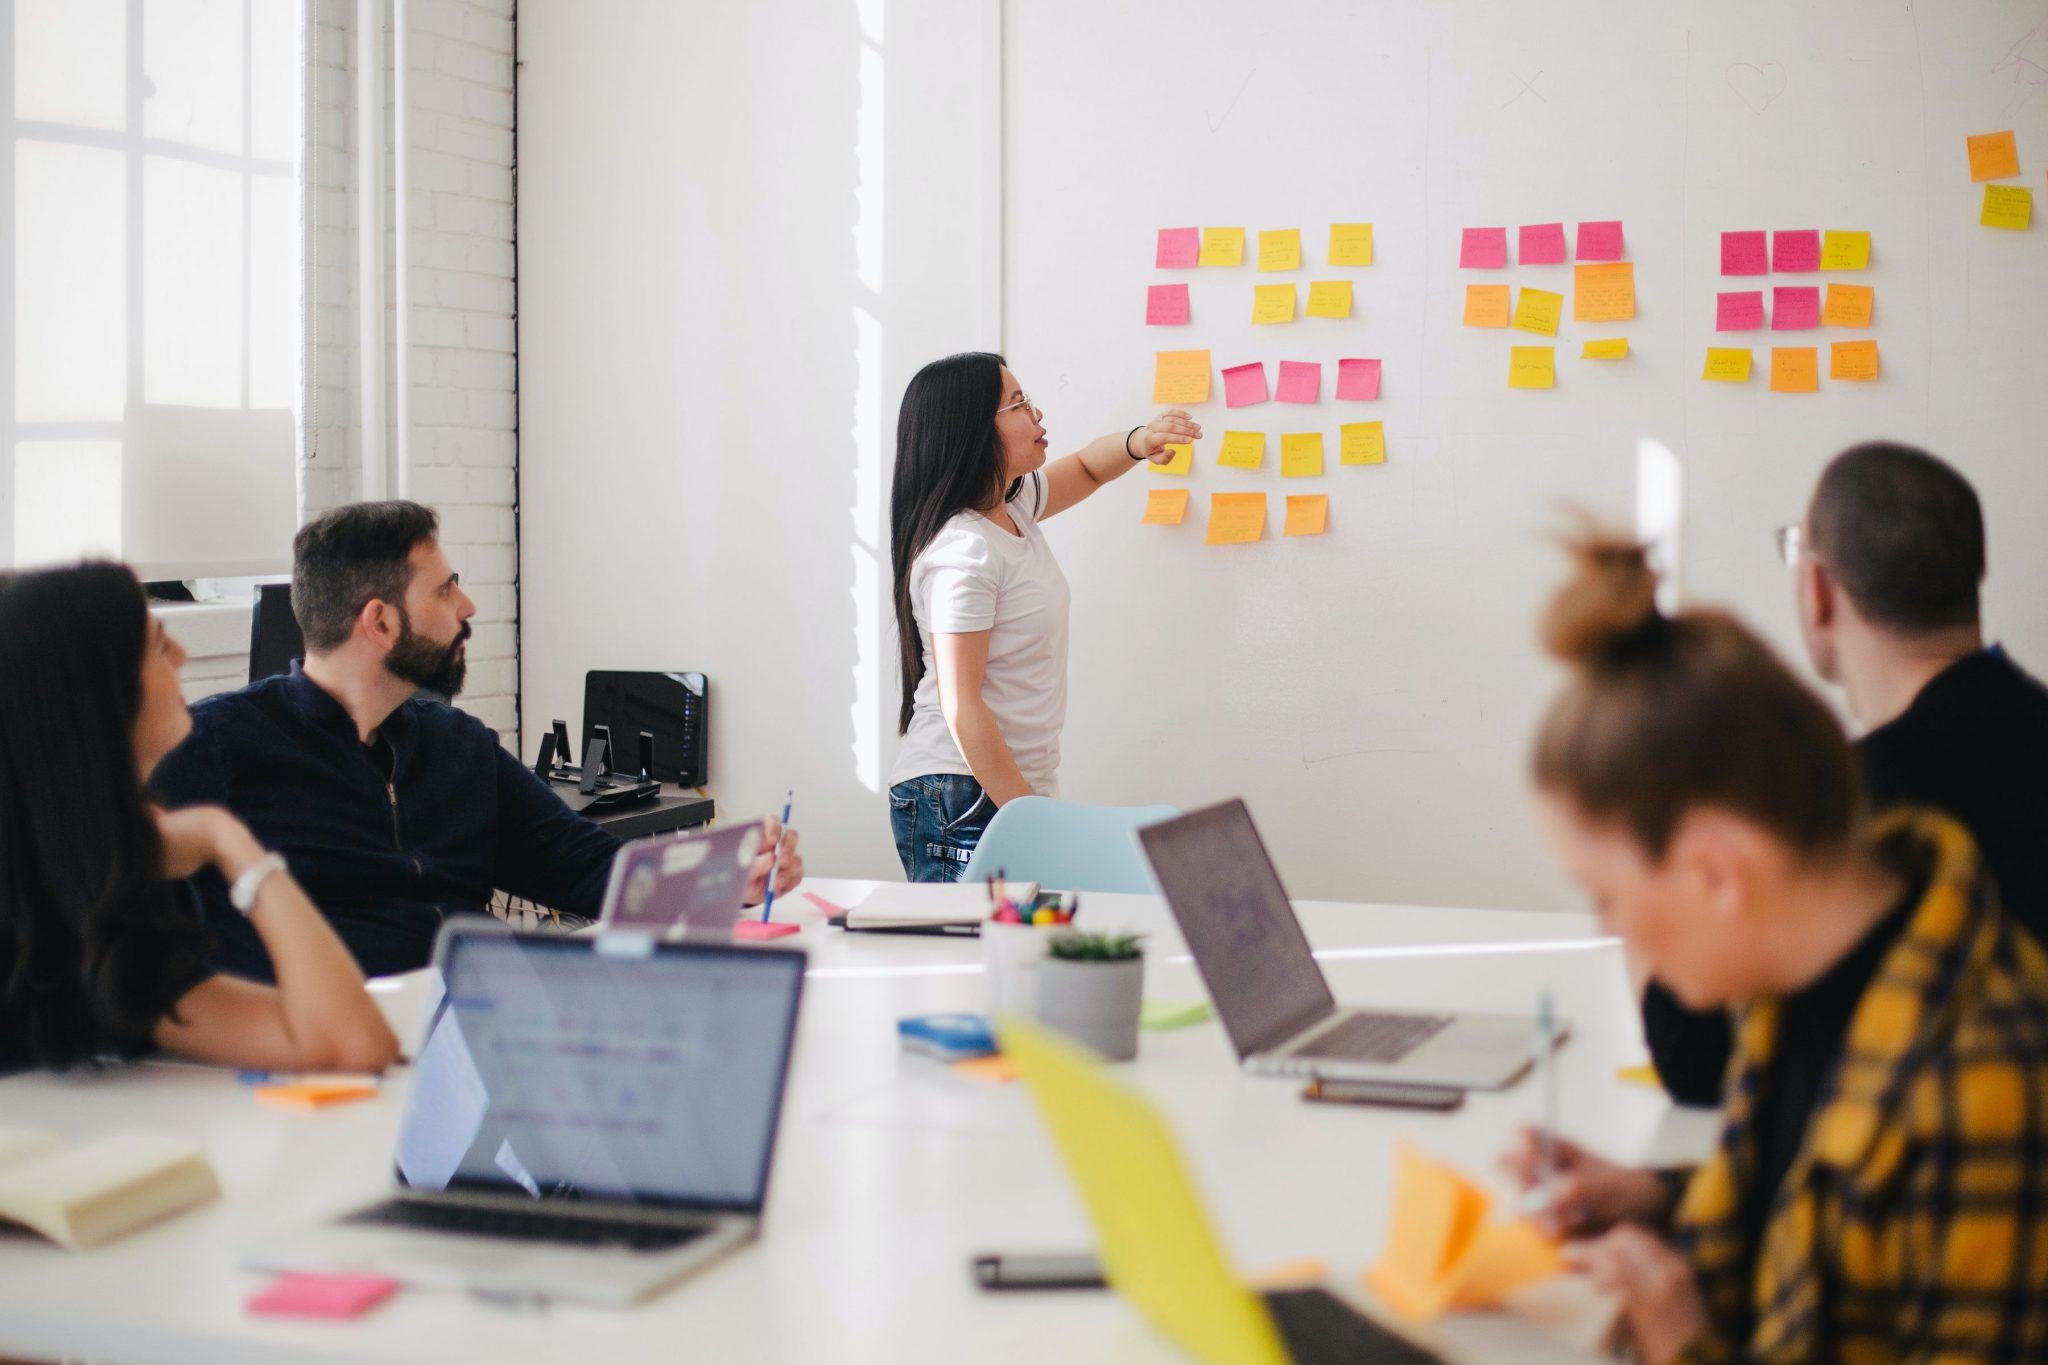 Networking sales tactics